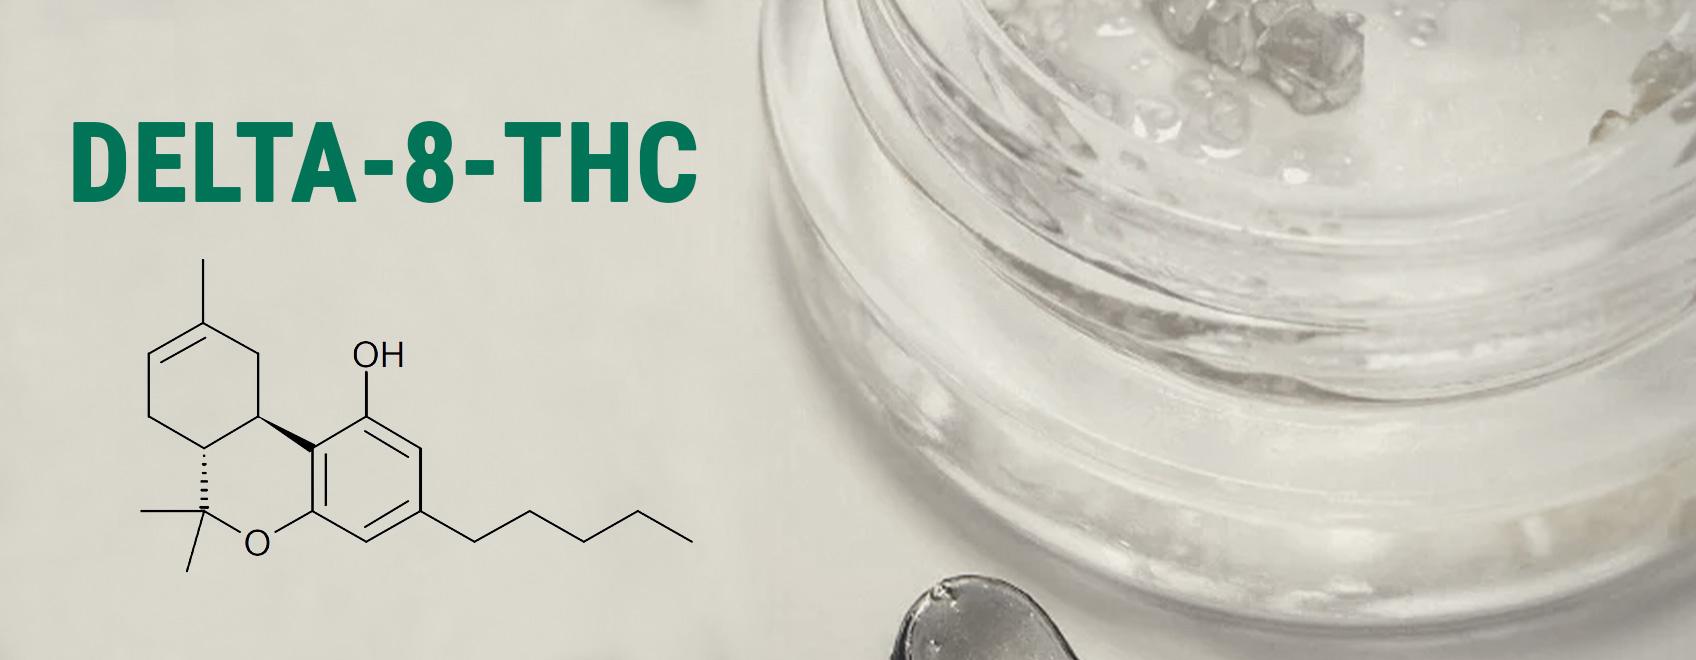 Qu'est-ce que le delta-8-THC ?